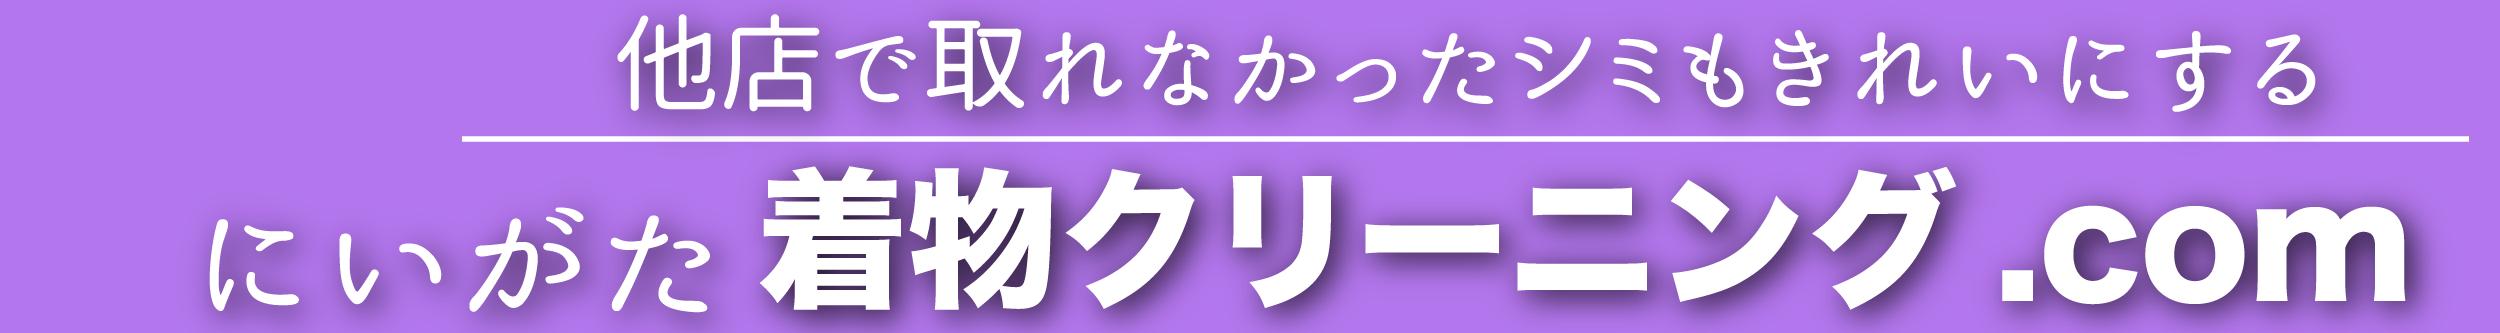 新潟:着物クリーニング.com